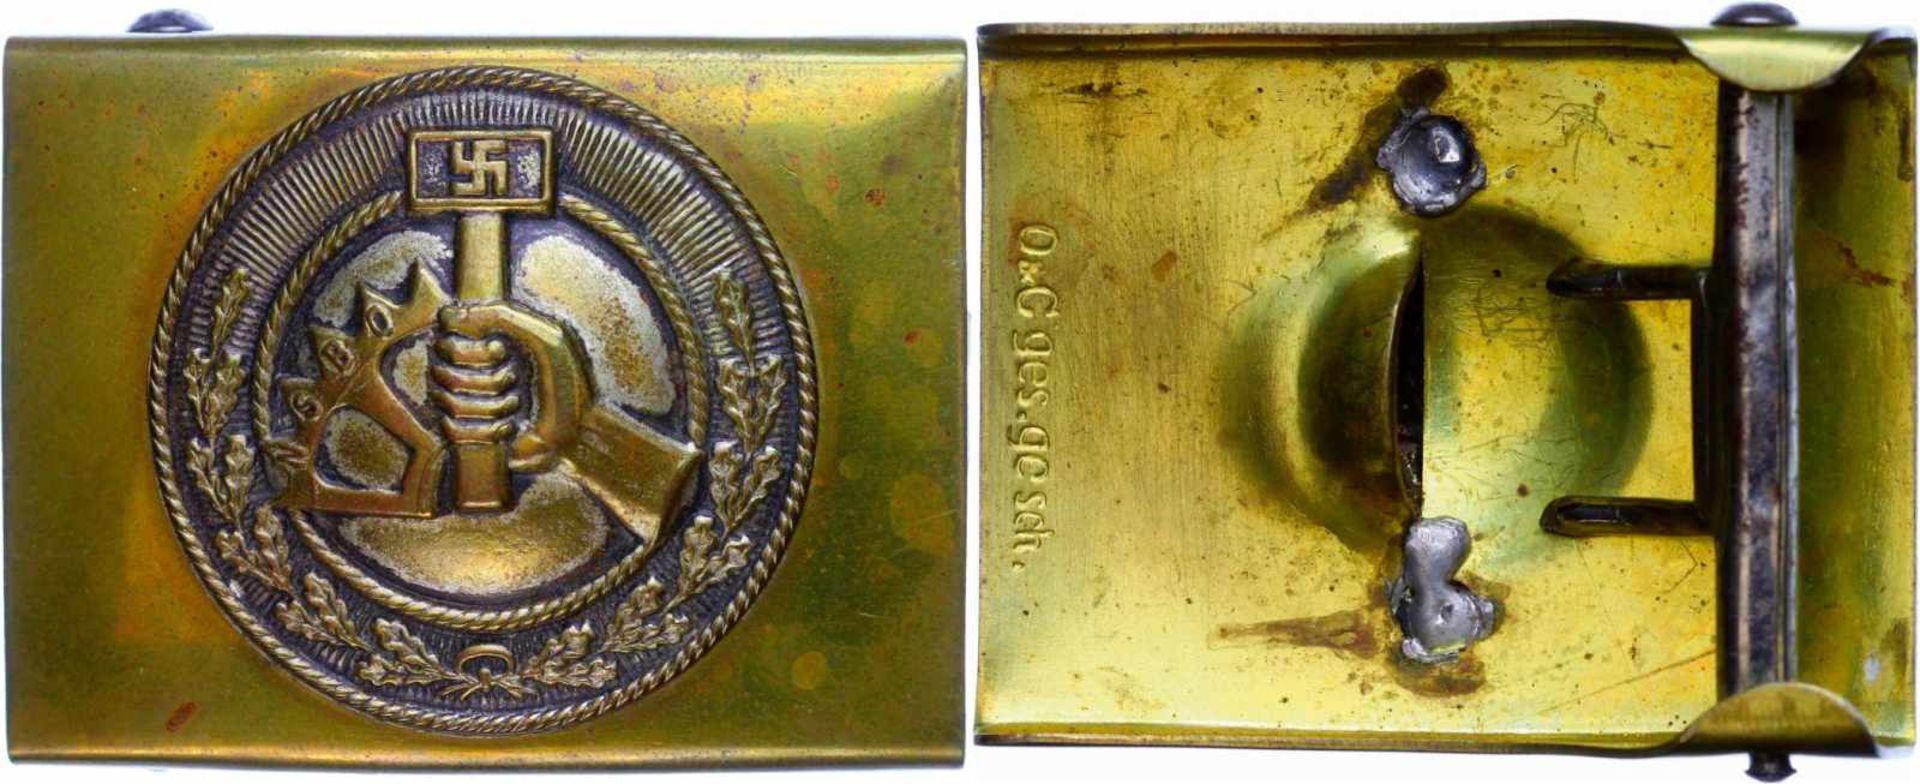 Koppelschlösser und Feldbinden 1870-1945 NSBO (Nationalsozialistische Betriebszellenorganisation),